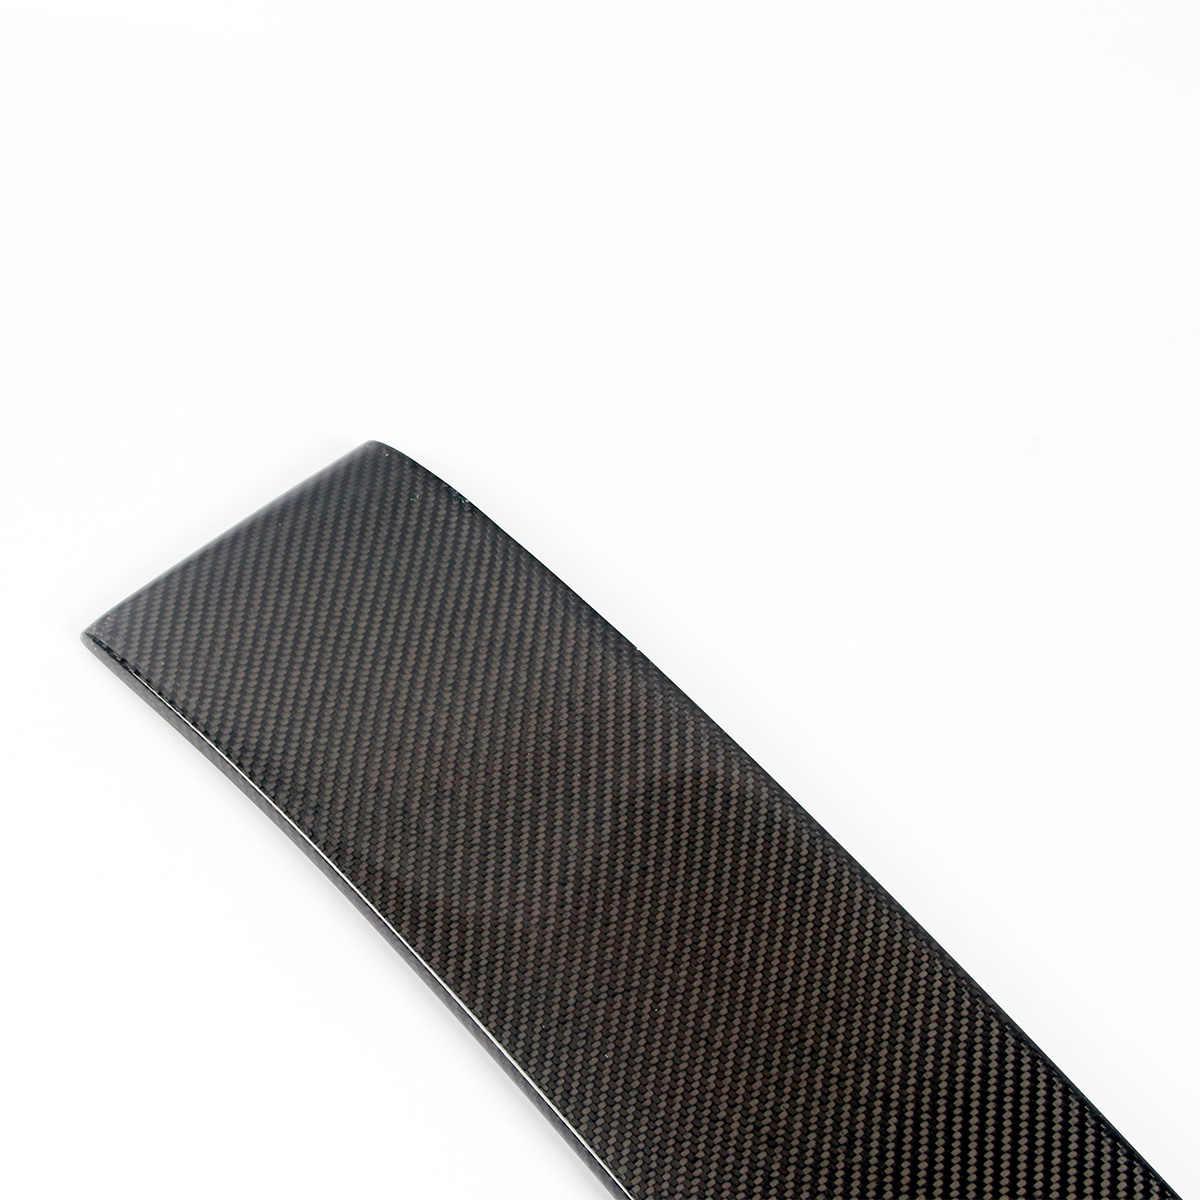 Real Carbon Fiber poiler Wing For Infiniti G37 2007-2014 2 Door Coupe Model  Car Rear Spoiler Rear roof wing spoiler